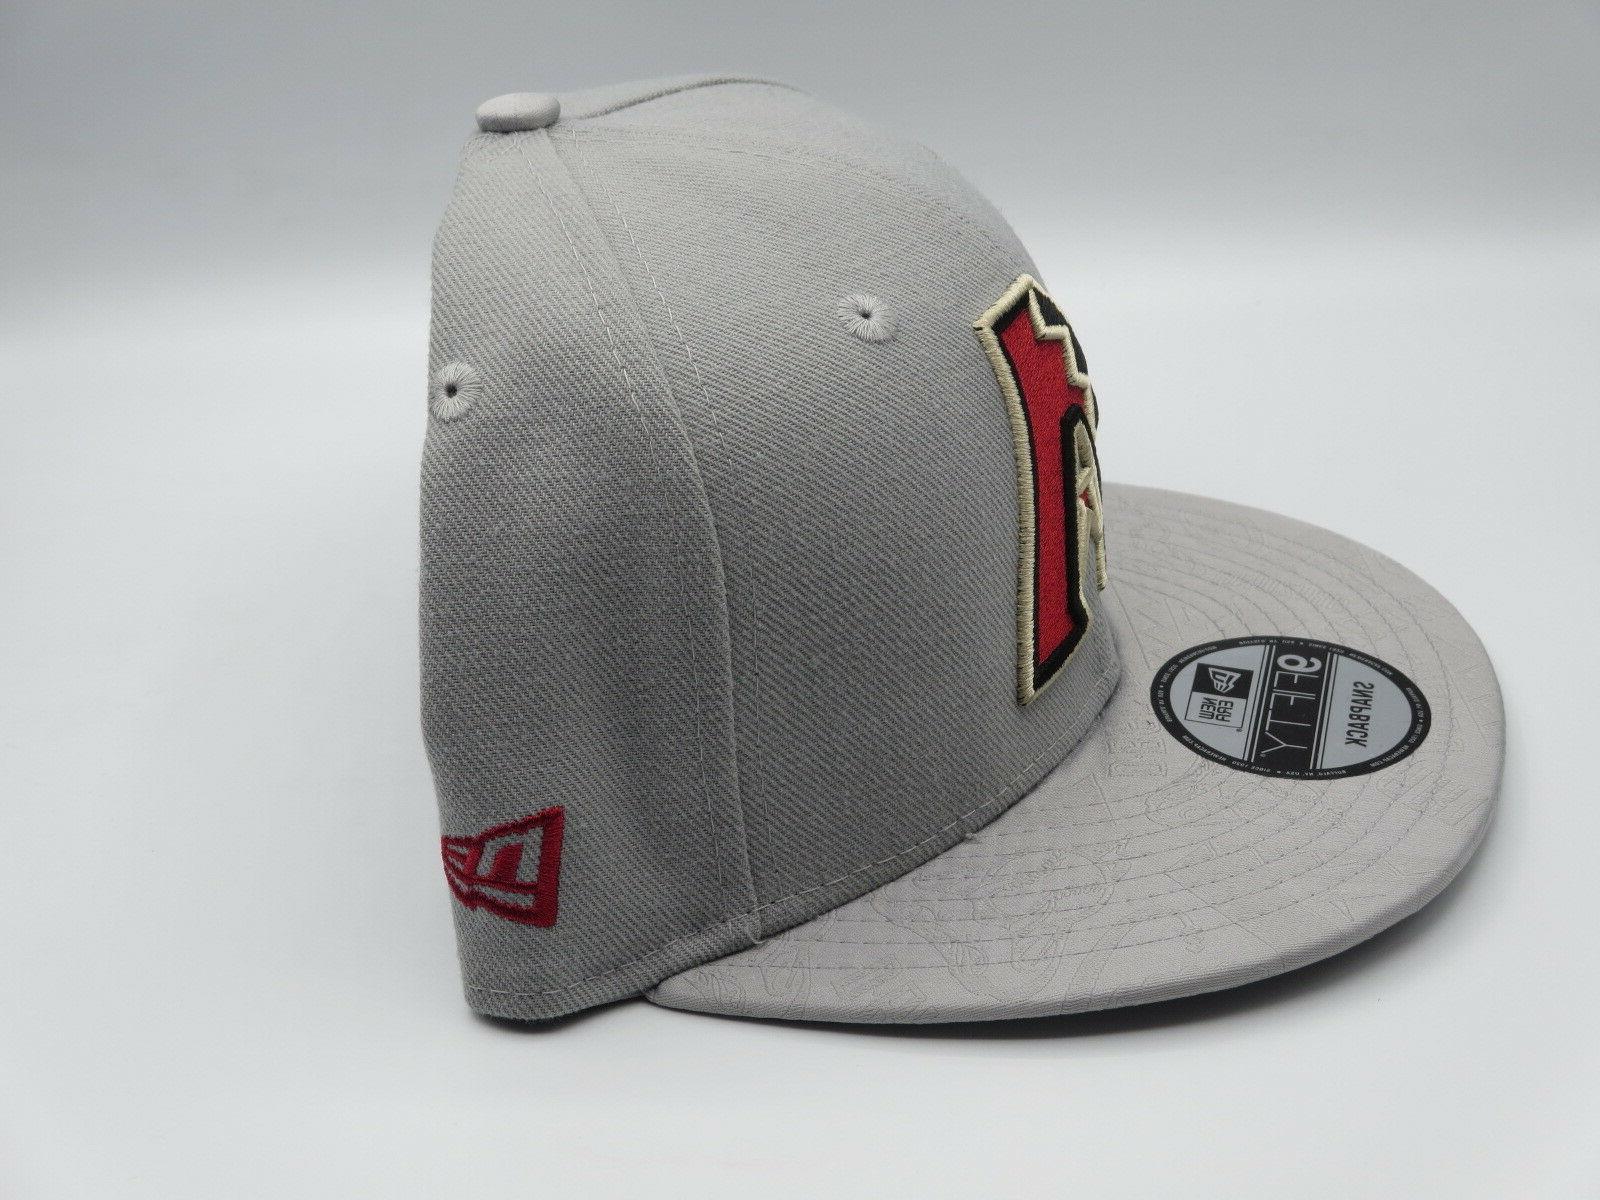 Arizona Diamondbacks Jordan 1 Era MLB Retro Snapback Hat